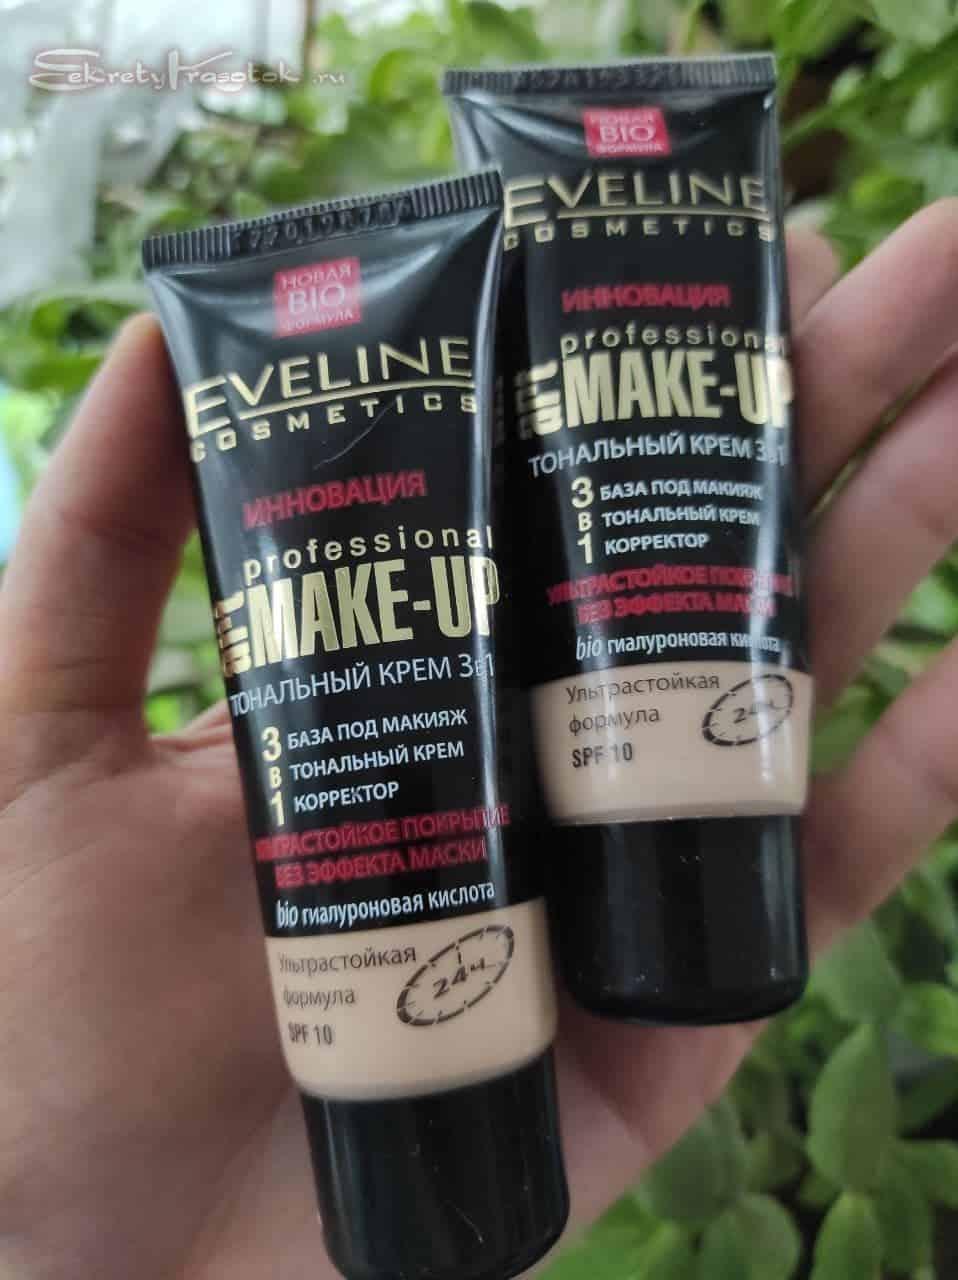 Eveline Инновация 3 в 1 Art Professional Make-up